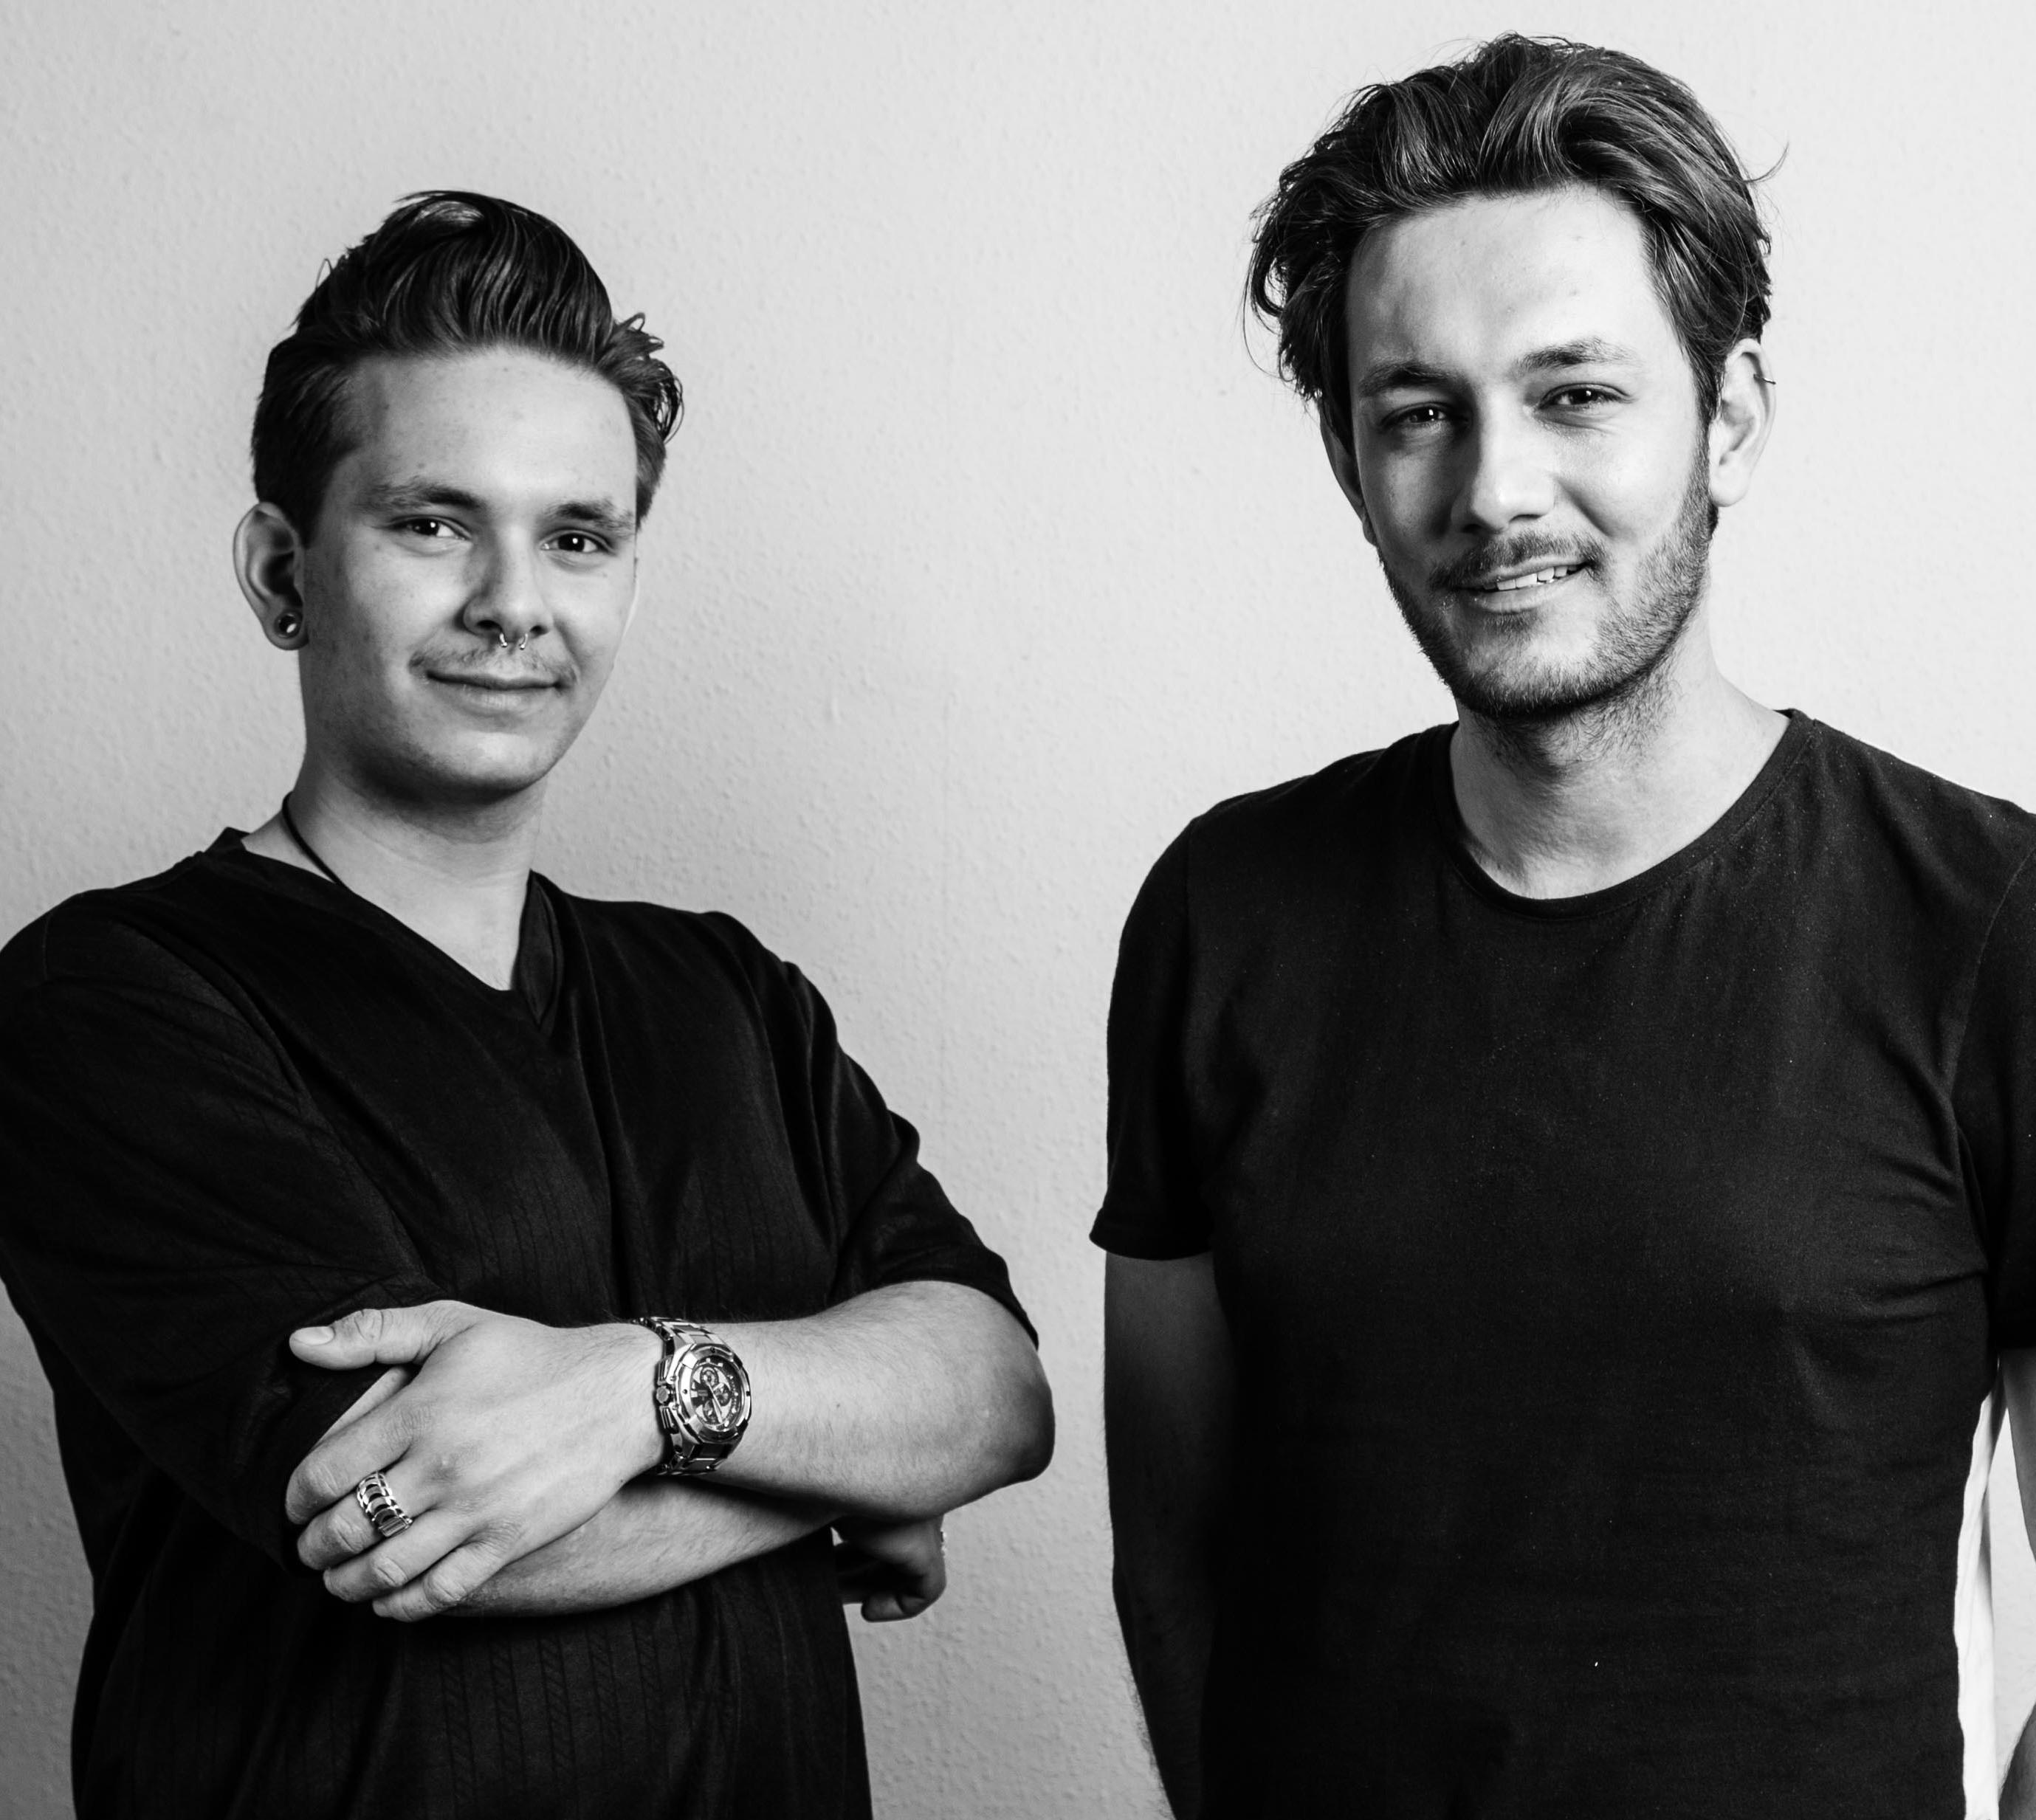 Türk Asıllı Hollandalı Gayin Kardeşi Yazdı